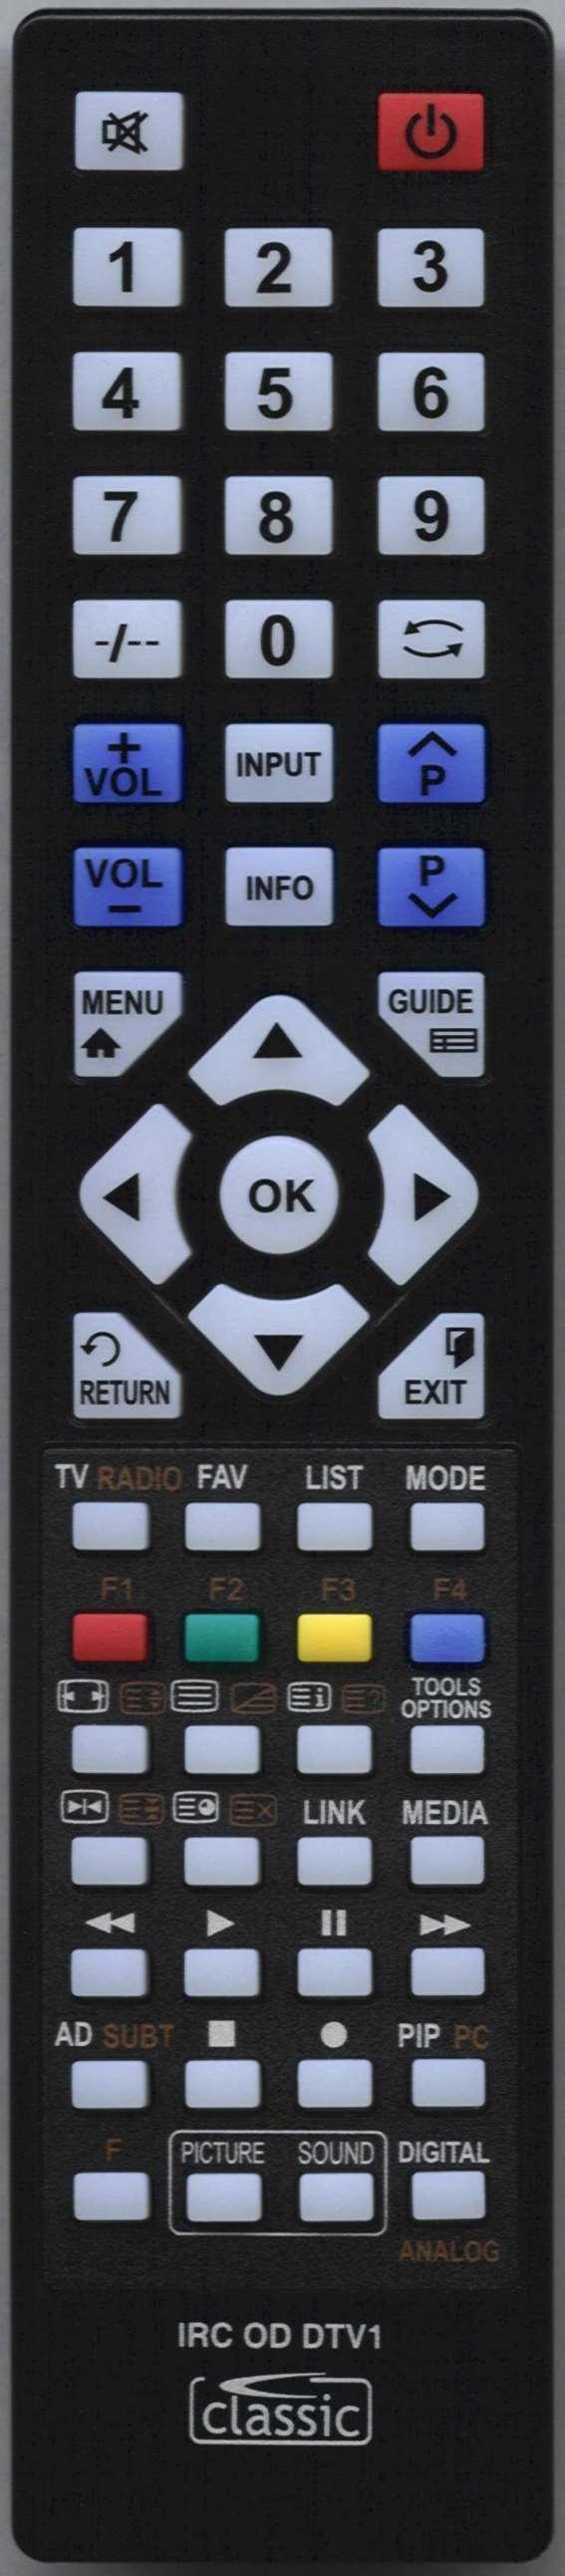 VELTECH LE-32GE11E+DVD Remote Control